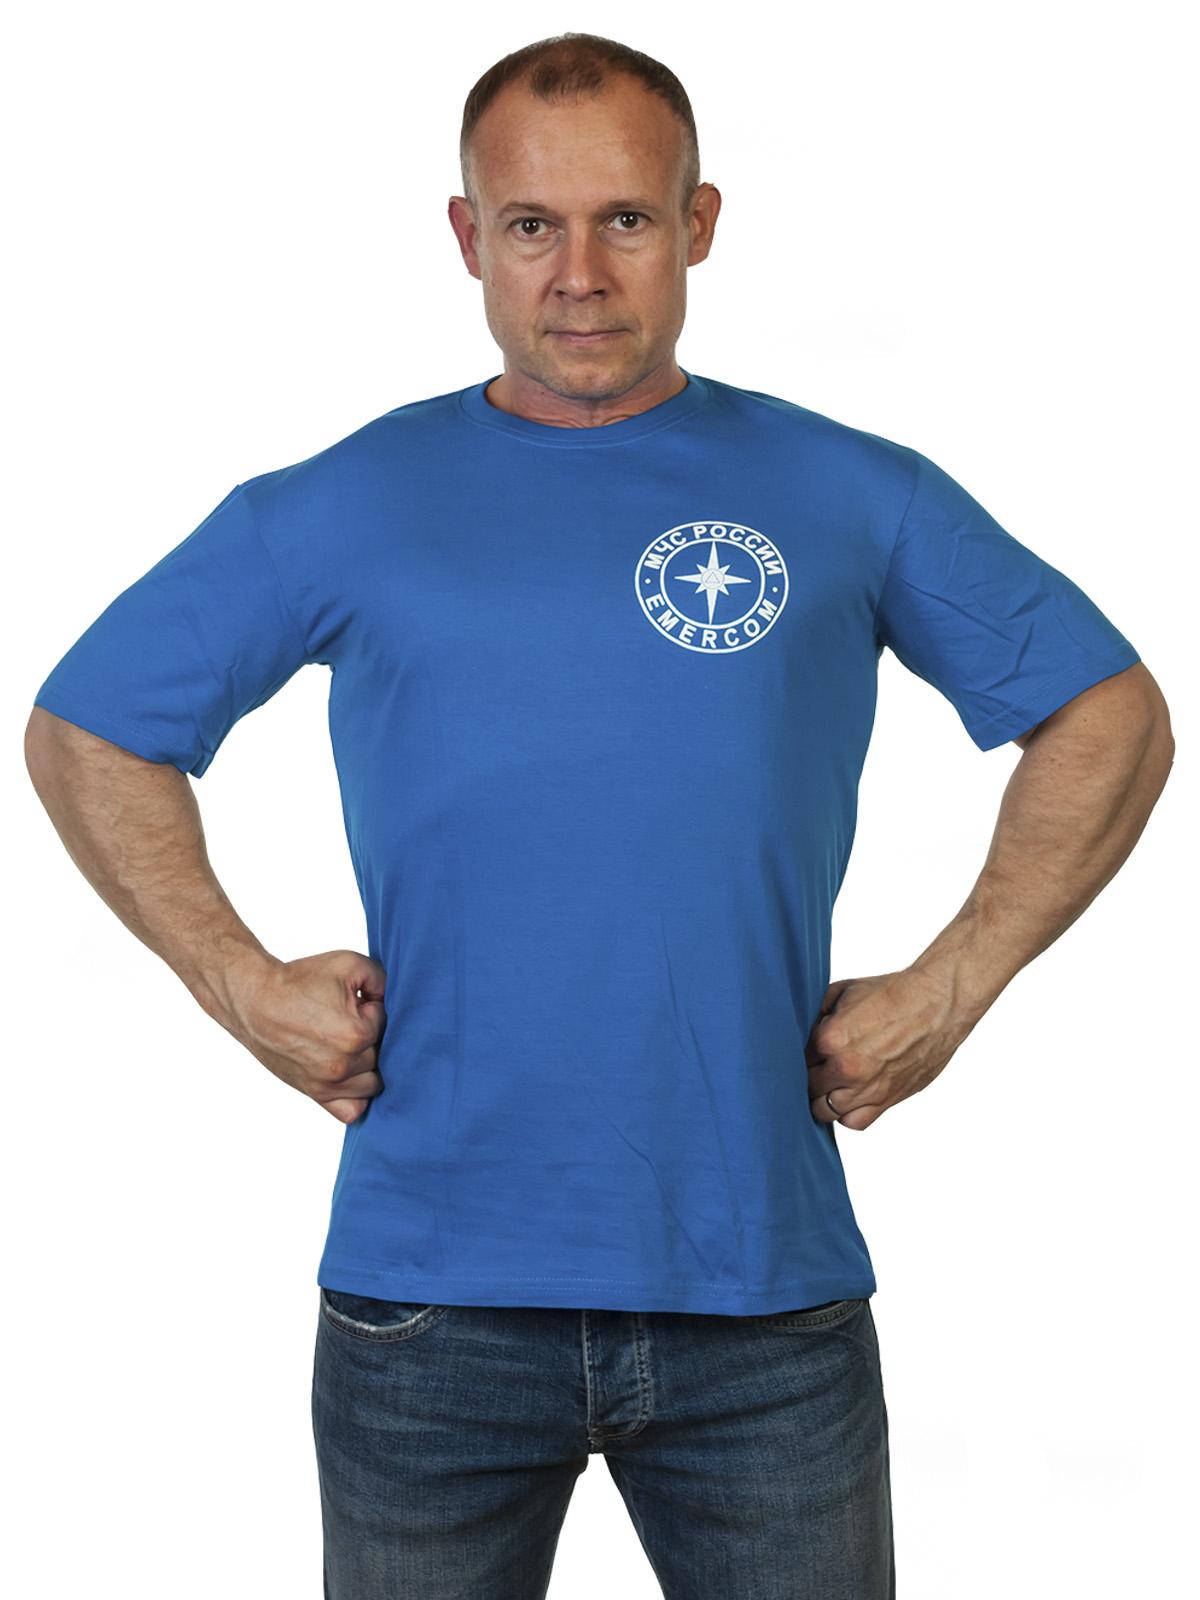 Хлопковая футболка ко Дню Спасателя